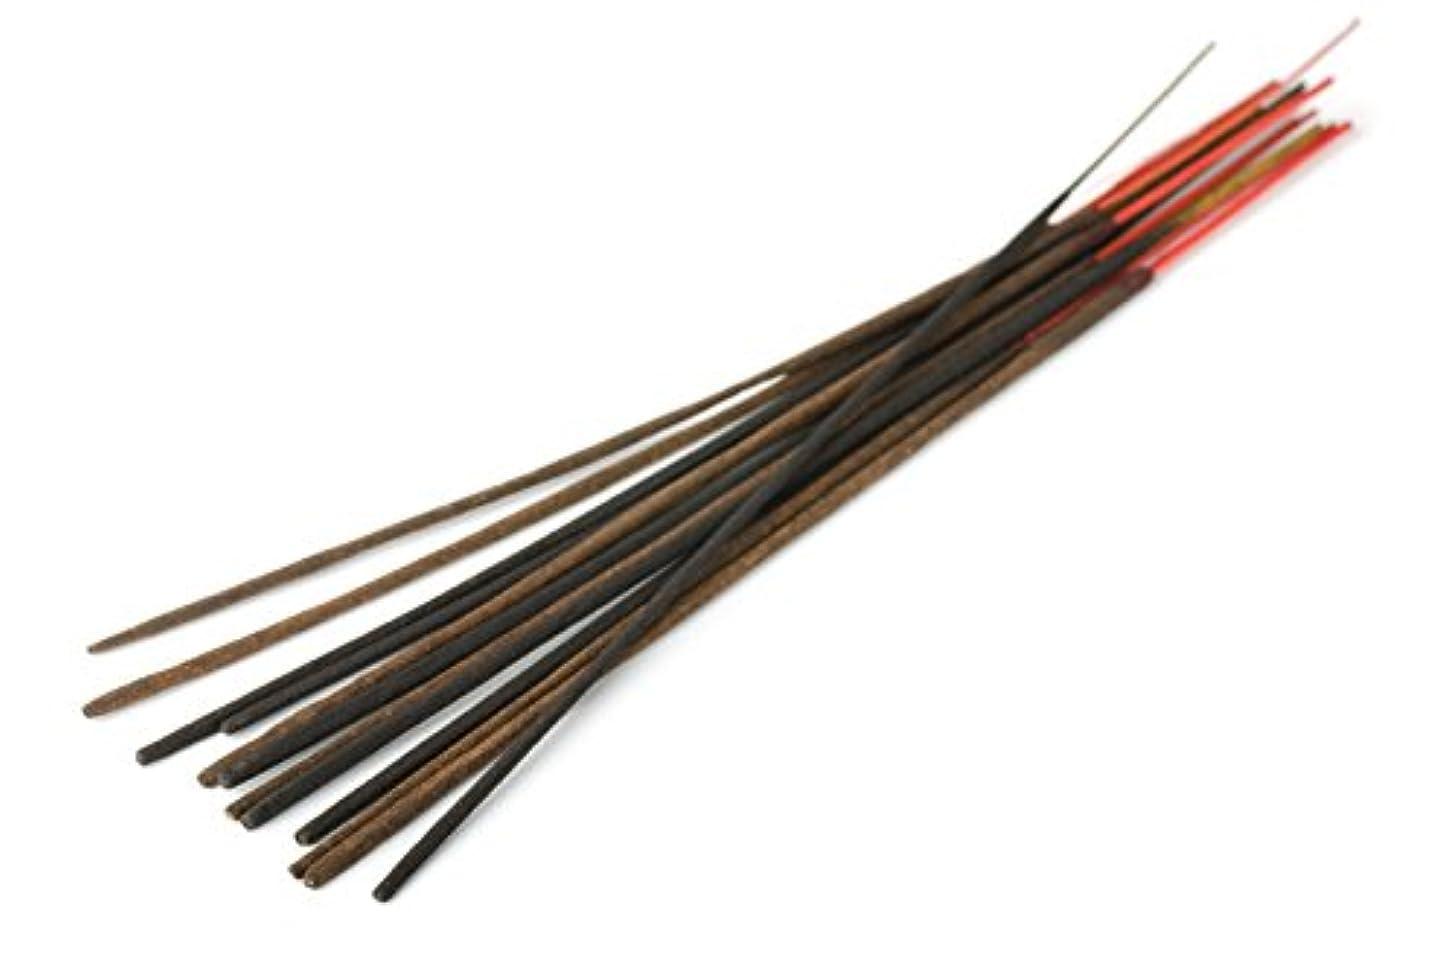 宣言する噴水衣服プレミアムハンドメイドパンプキンパイIncense Stickバンドル – 90 to 100 Sticks Perバンドル – 各スティックは11.5インチ、には滑らかなクリーンBurn